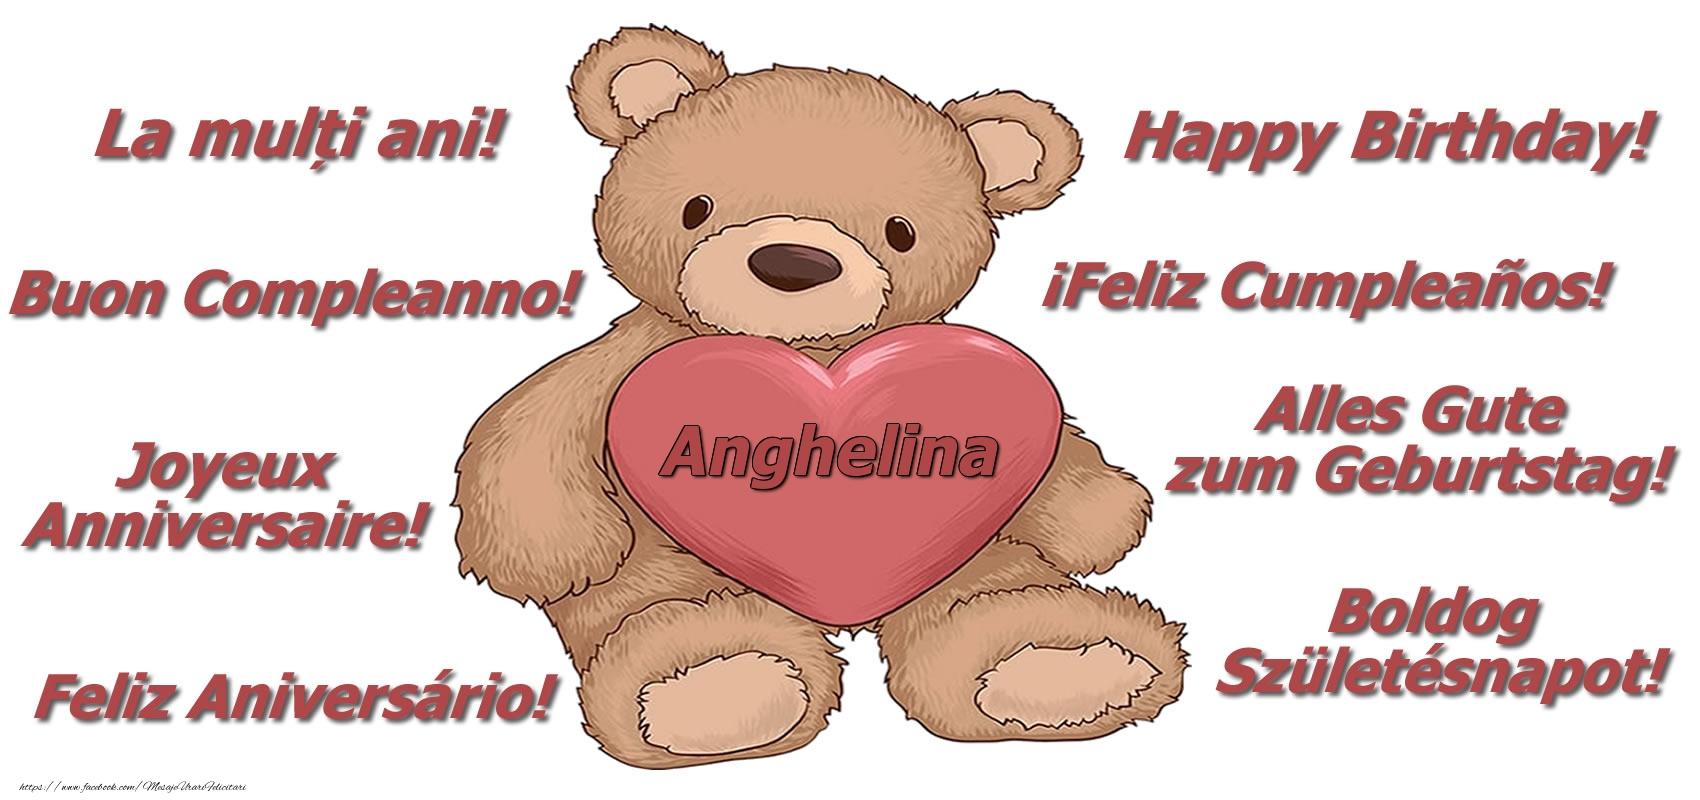 Felicitari de zi de nastere - La multi ani Anghelina! - Ursulet